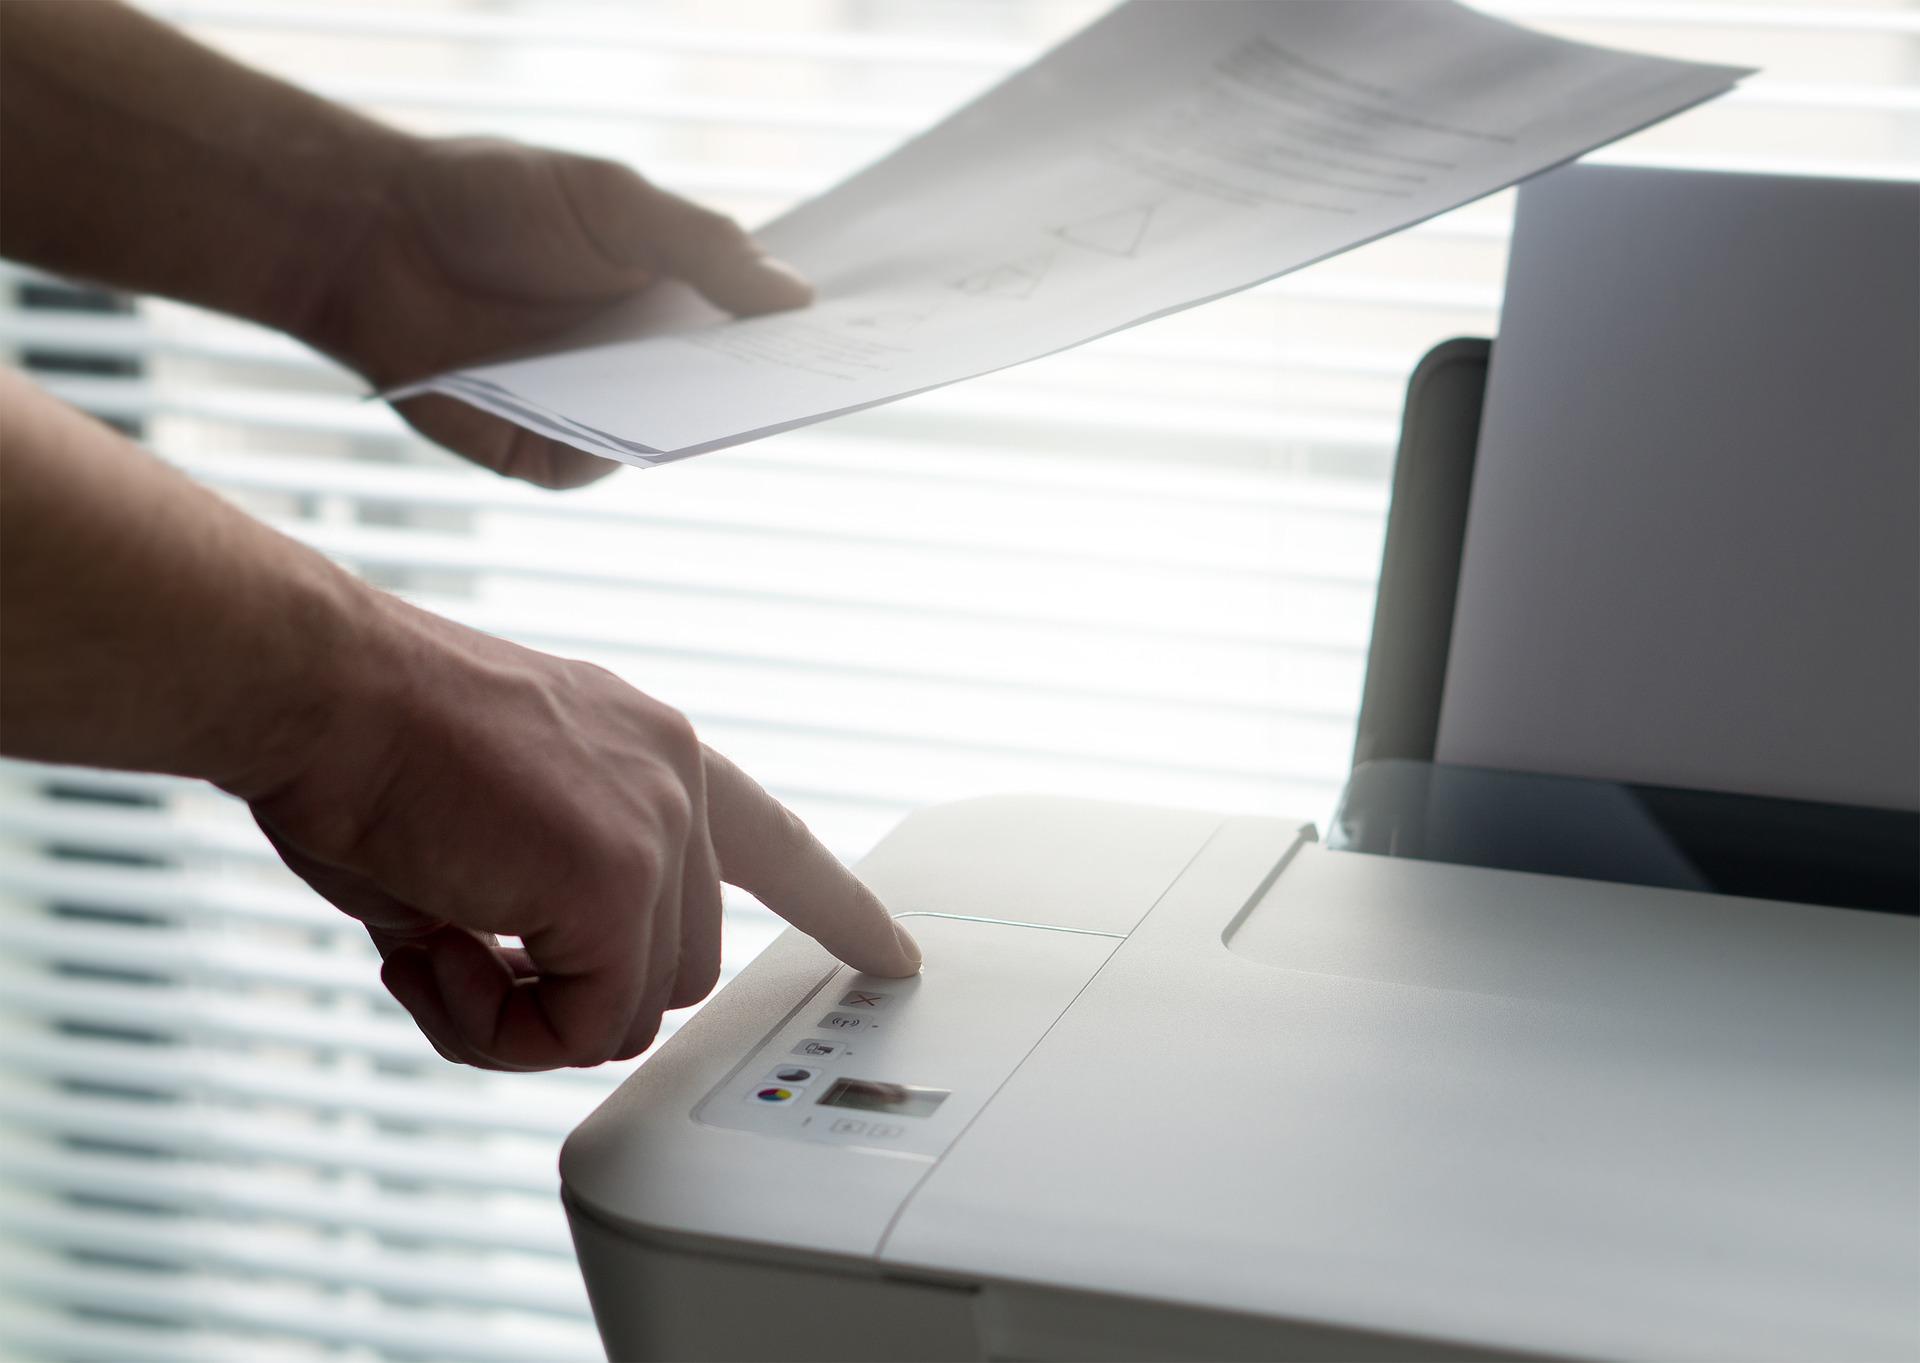 Servicios profesionales de impresión